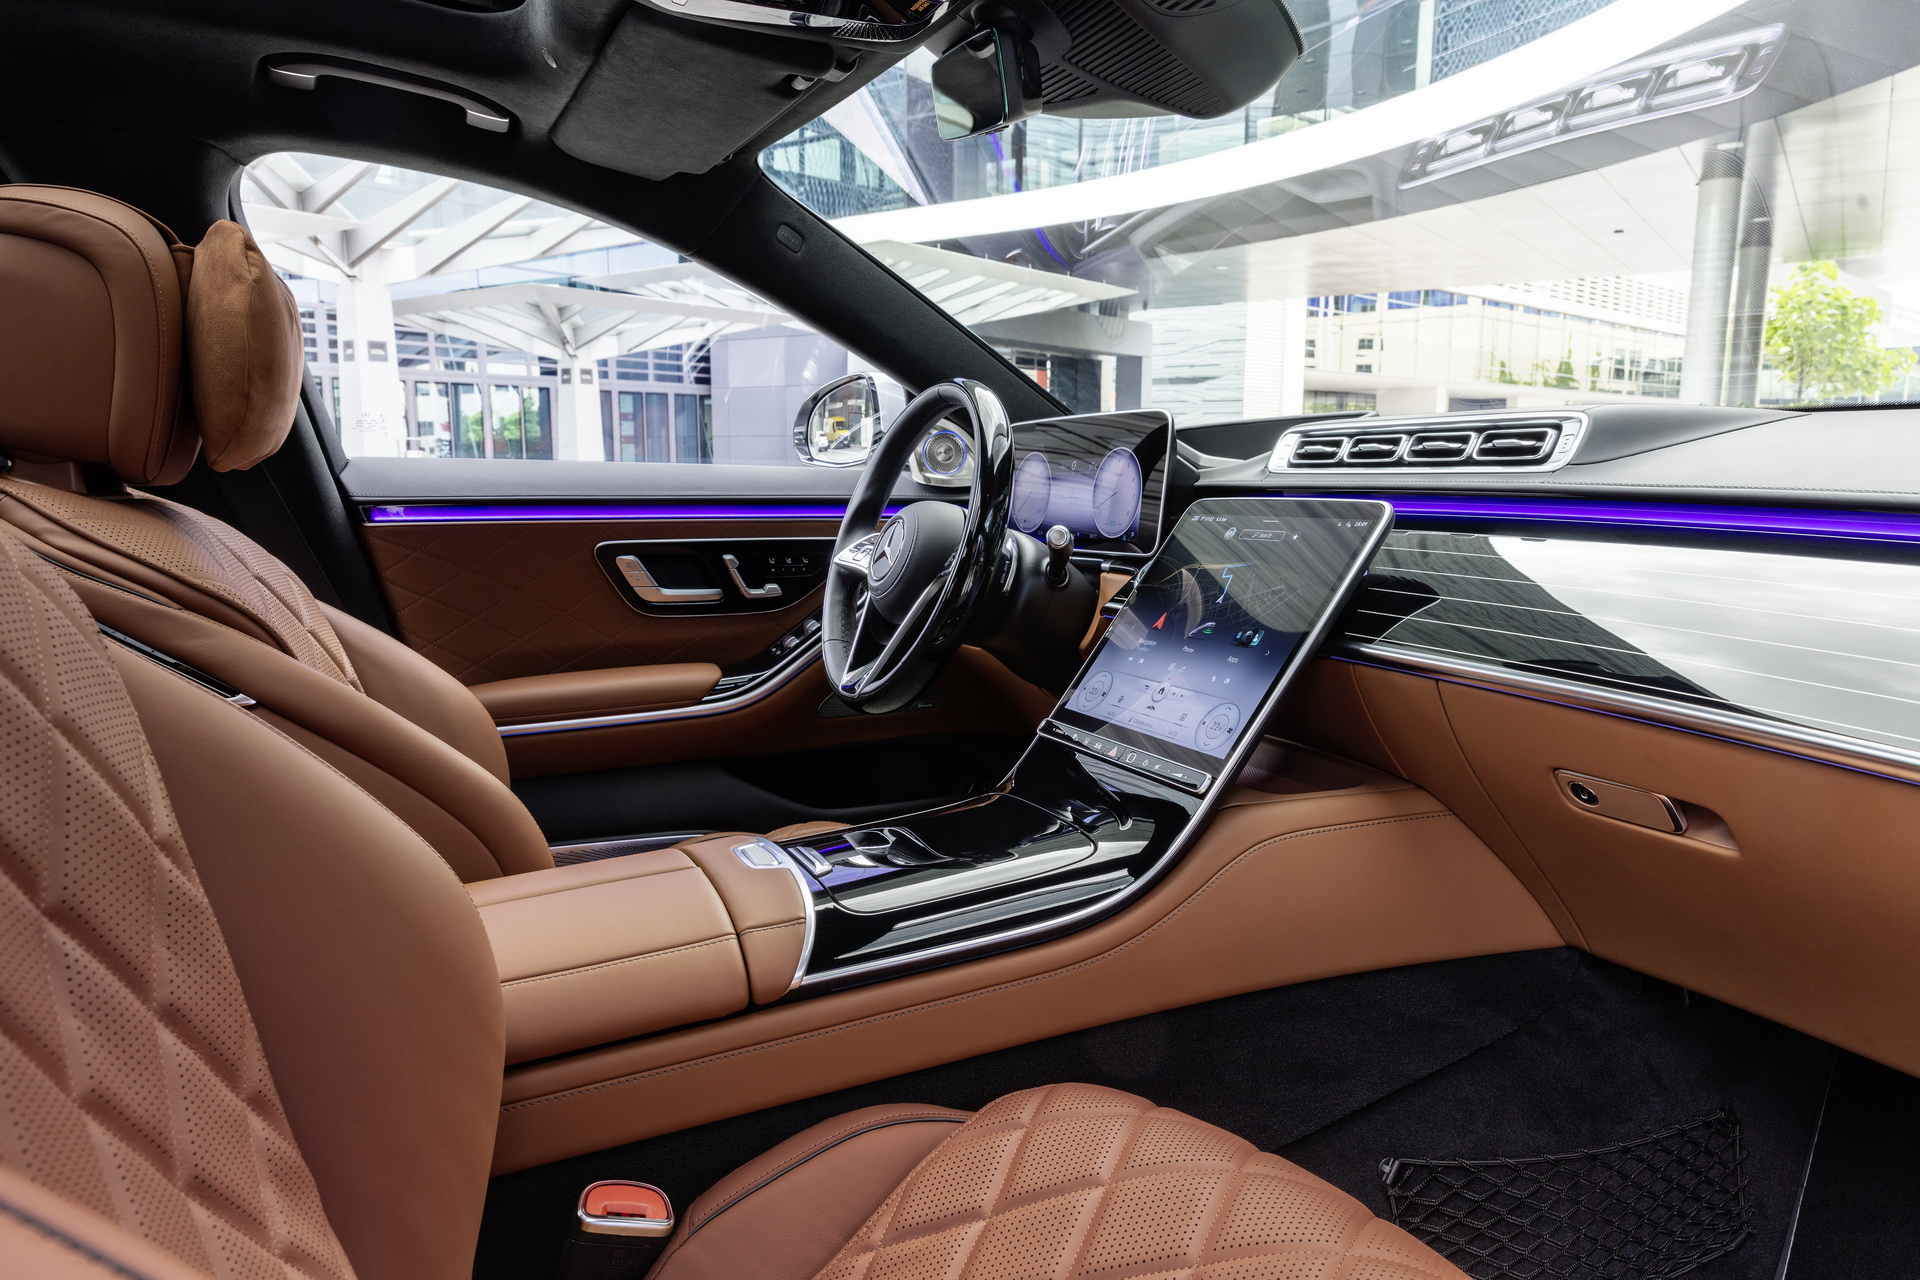 Mercedes-Benz gửi lời xin lỗi tới khách hàng vì phải triệu hồi S-Class thế hệ mới -4